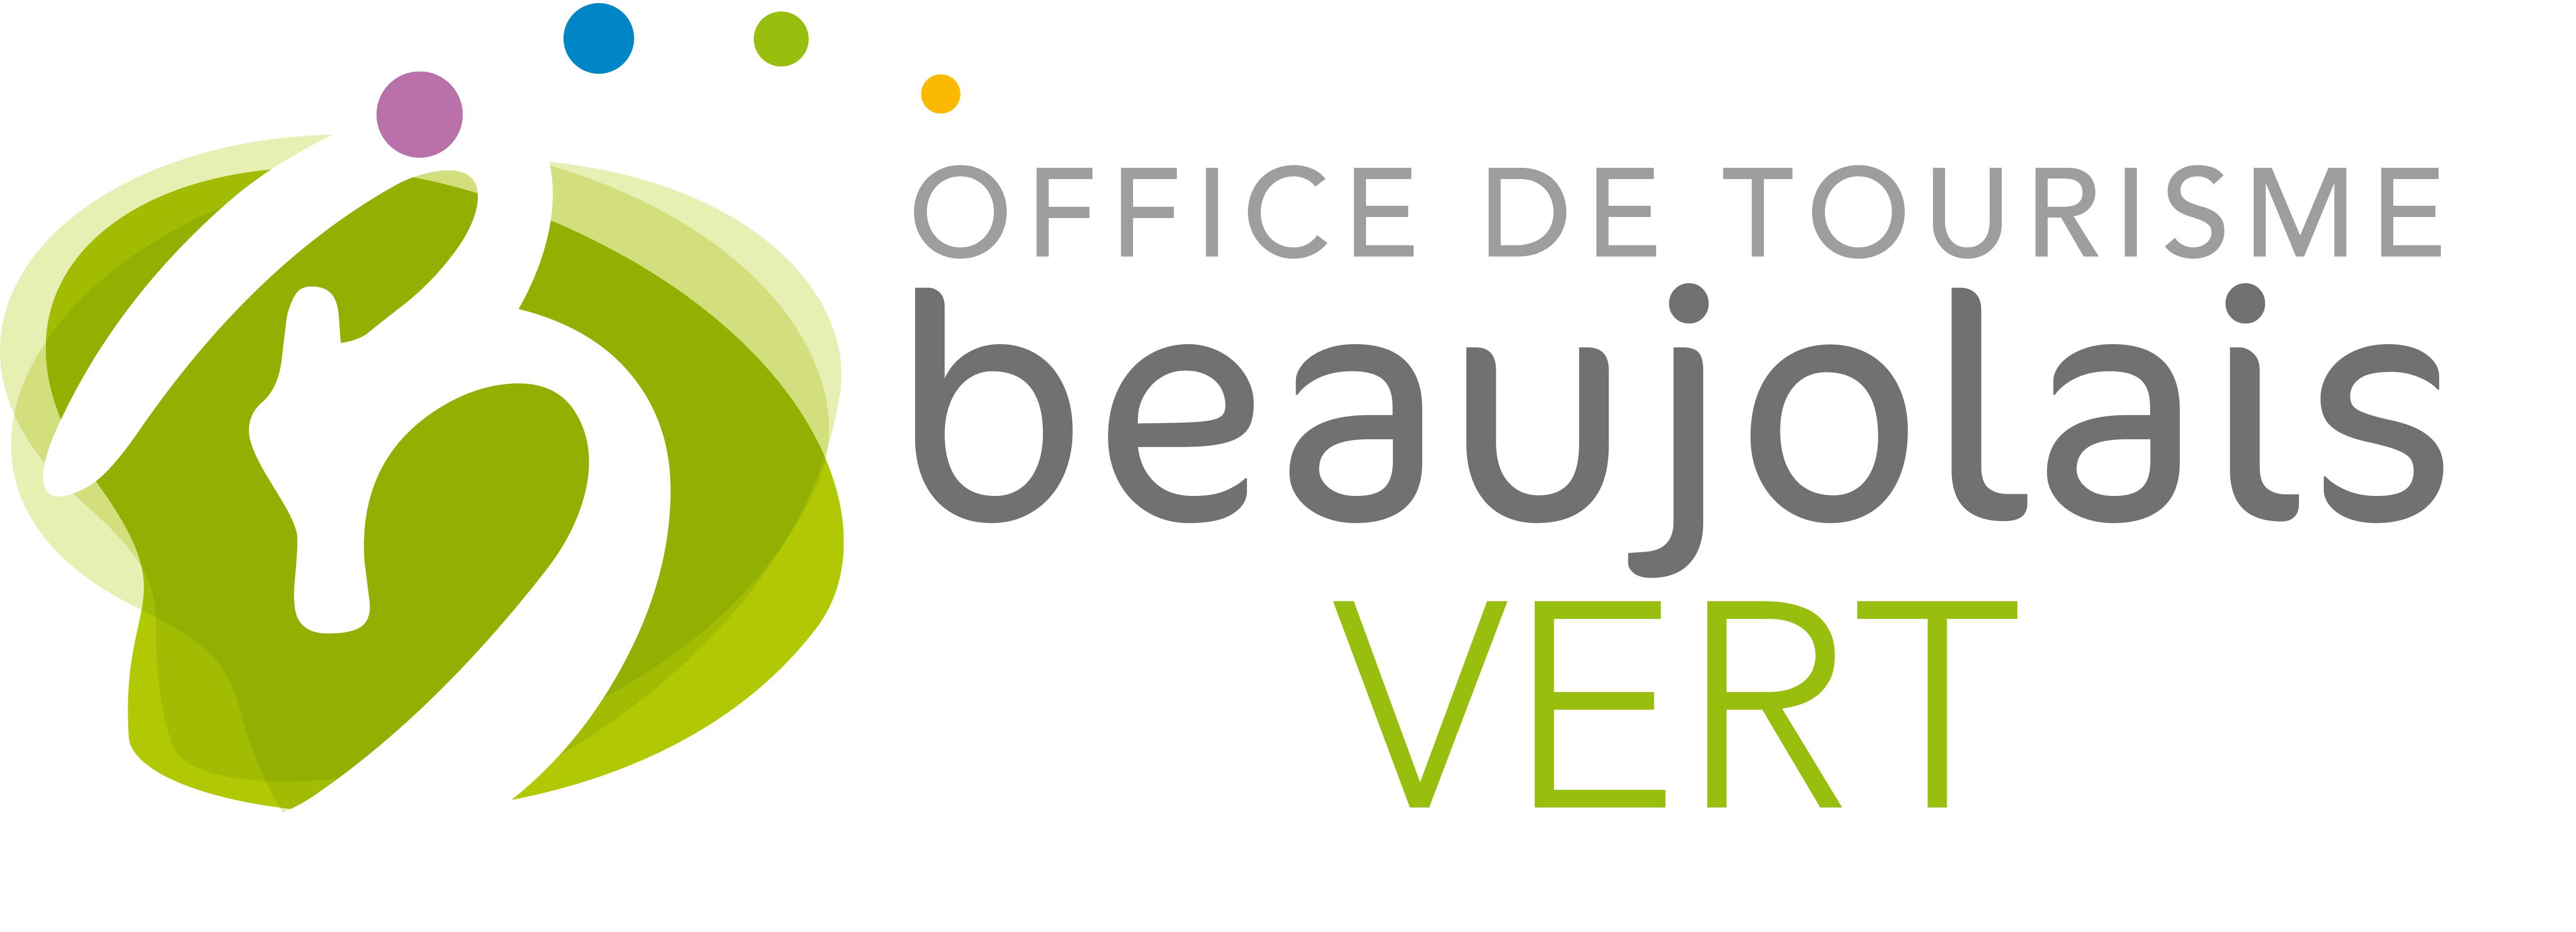 Office de tourisme du beaujolais vert lac des sapins cublize commerce et service lyon et - Office tourisme beaujolais ...